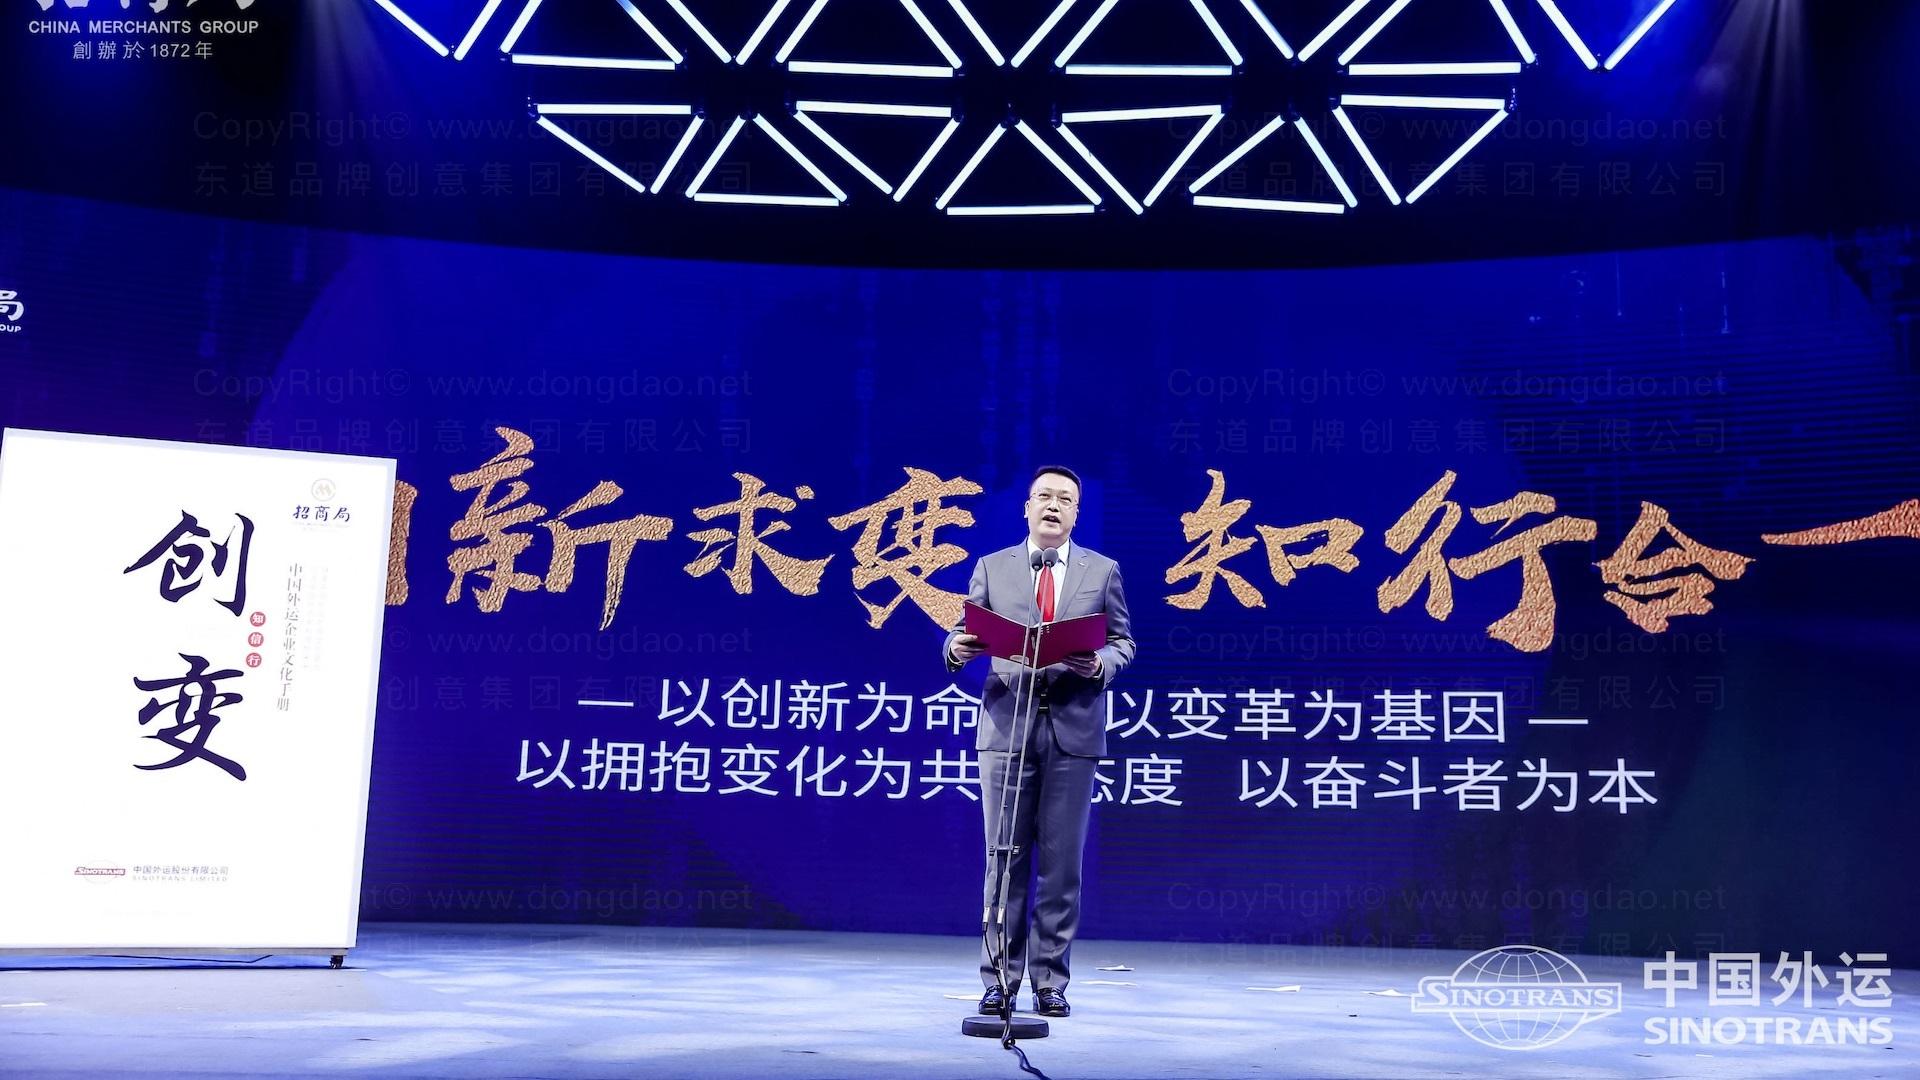 品牌战略&企业文化中国外运企业文化落地项目企业文化手册应用场景_11